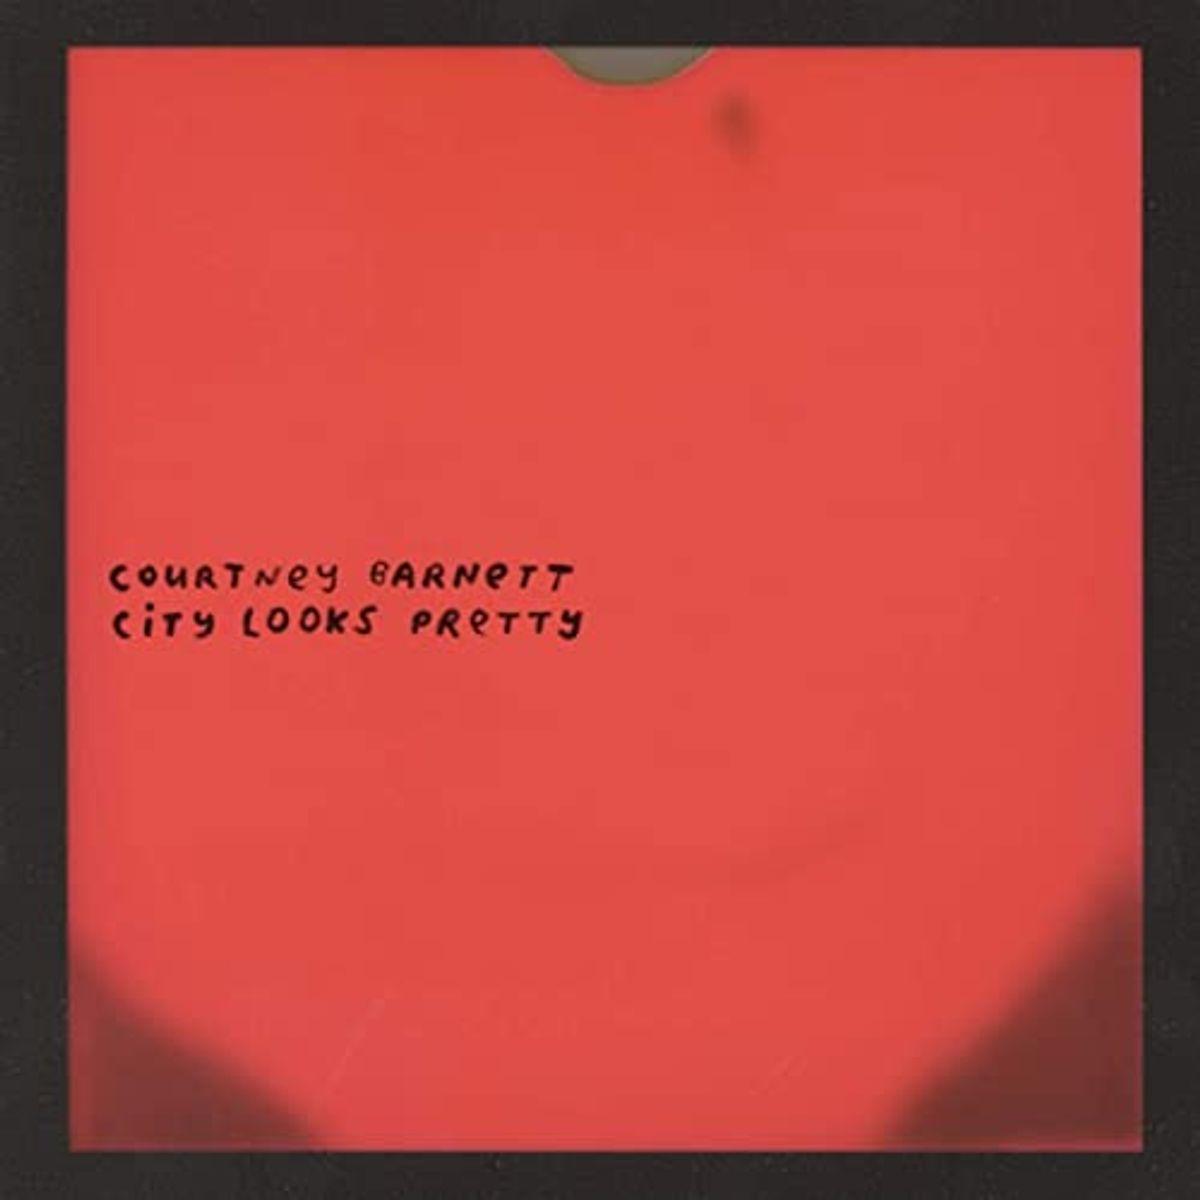 #Quarantainemuziek - Courtney Barnett - City Looks Pretty (2018)